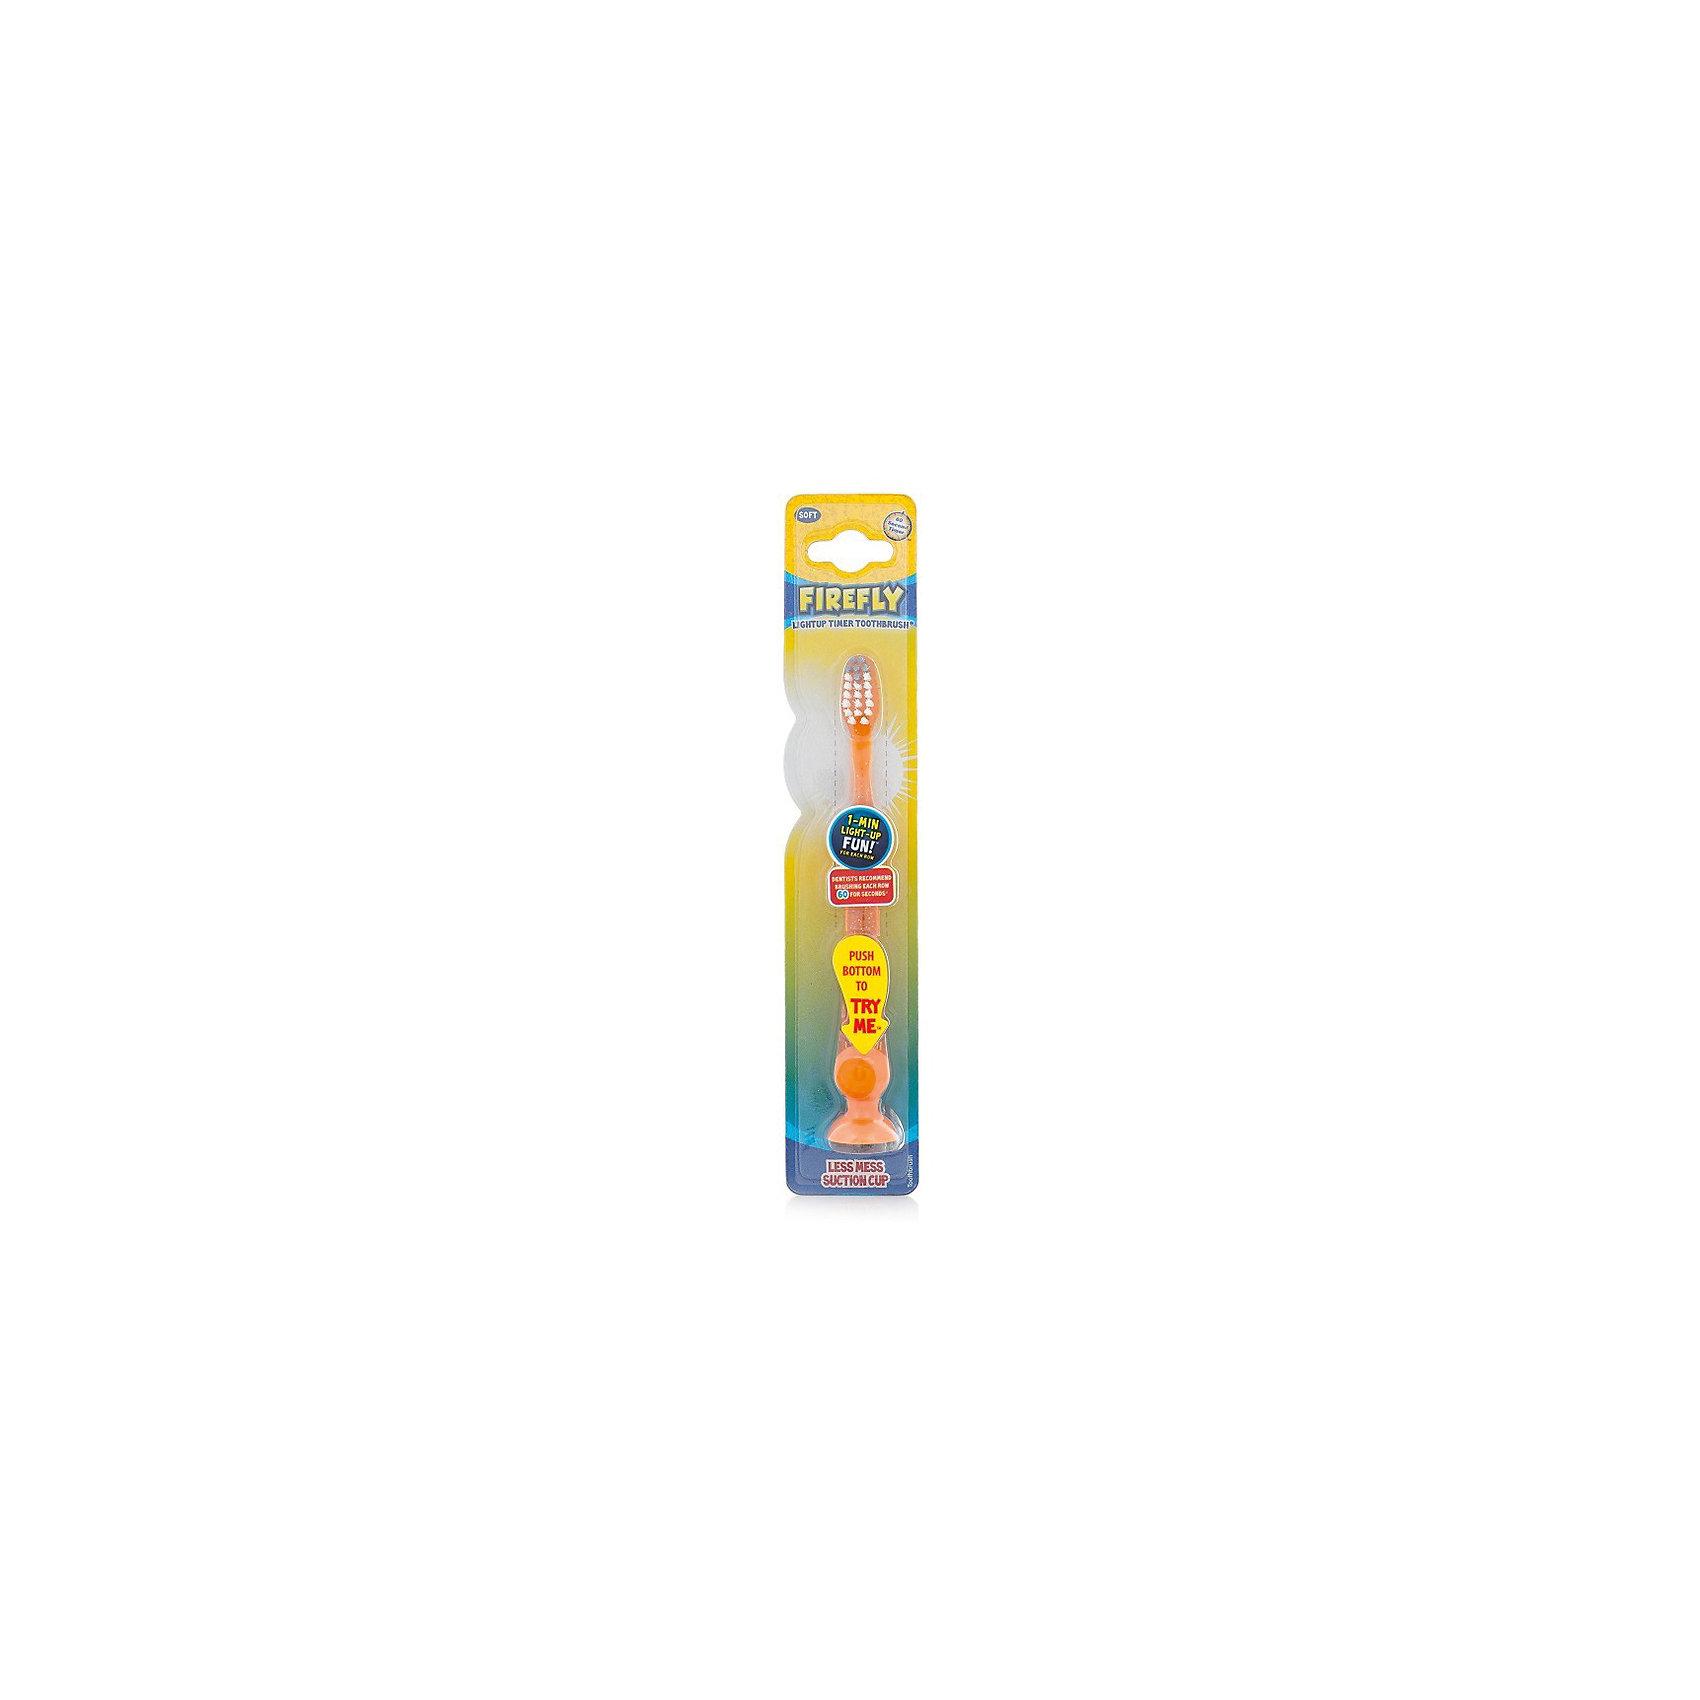 Зубная щетка с мигающим световым таймером и присоской, Firefly, желтый